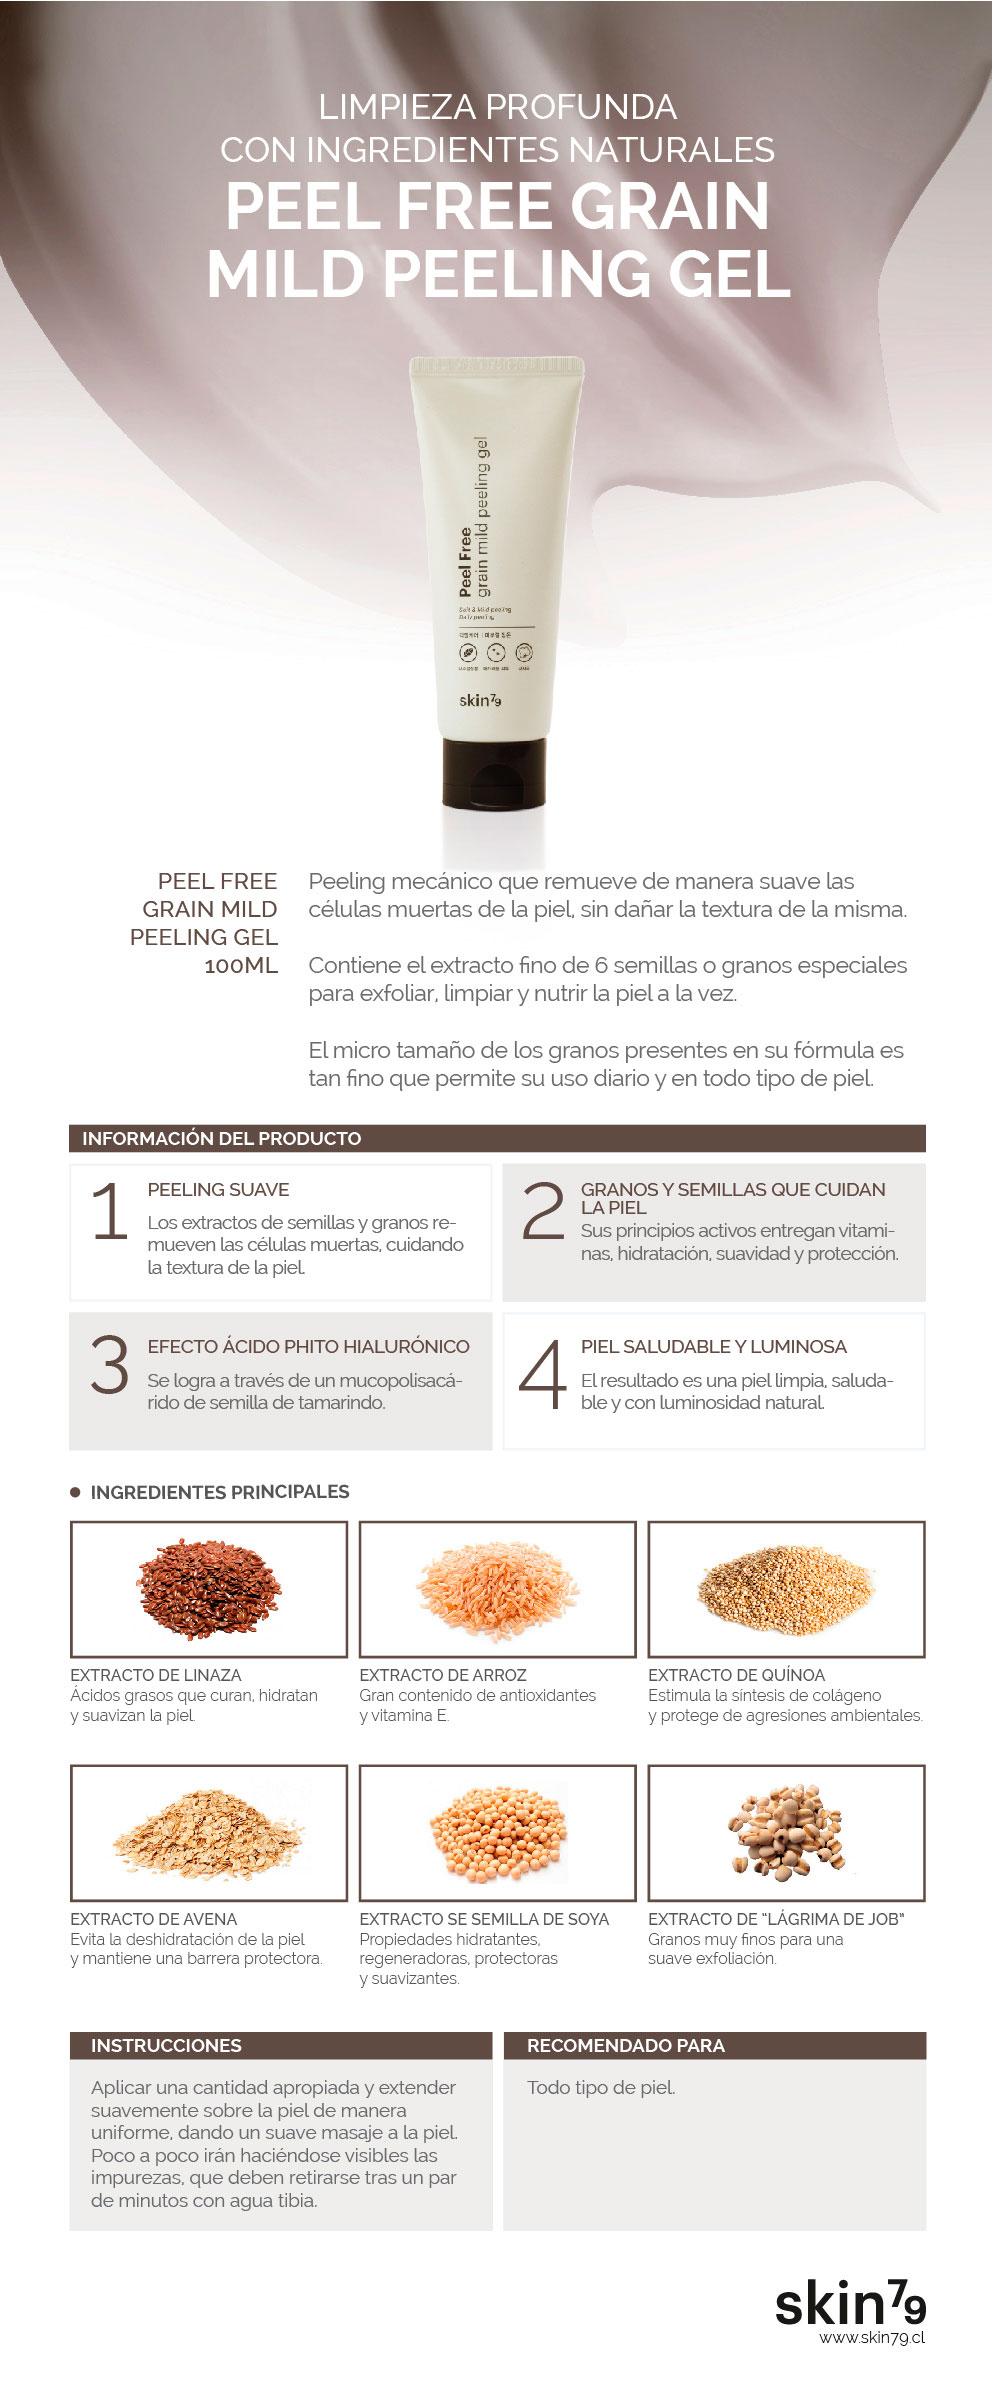 PeelFree Grain Mild Peeling Gel - Skin79